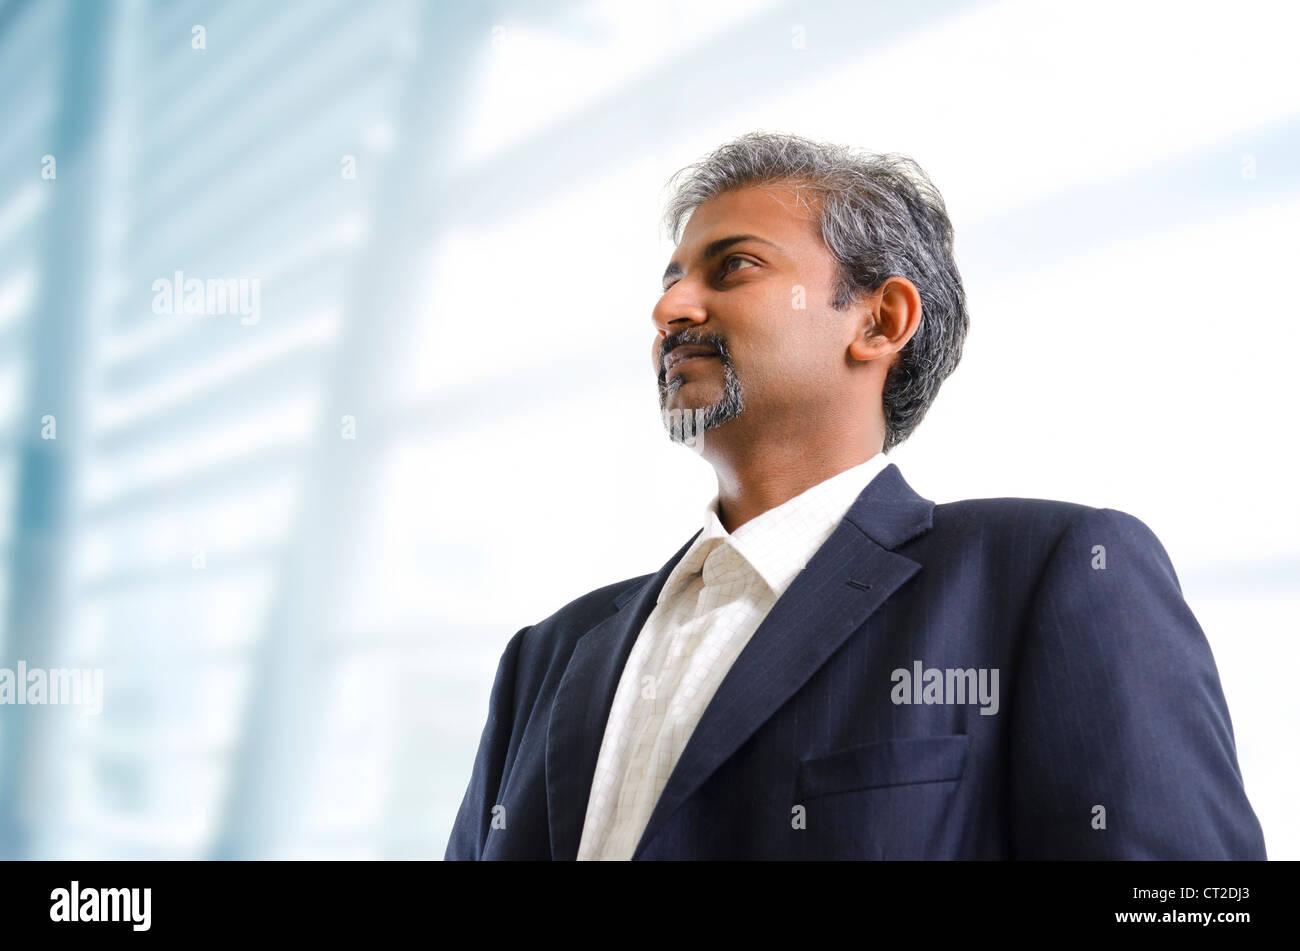 Reife asiatische indische Geschäftsmann aussehende entfernt stehend auf Office-Hintergrund Stockbild